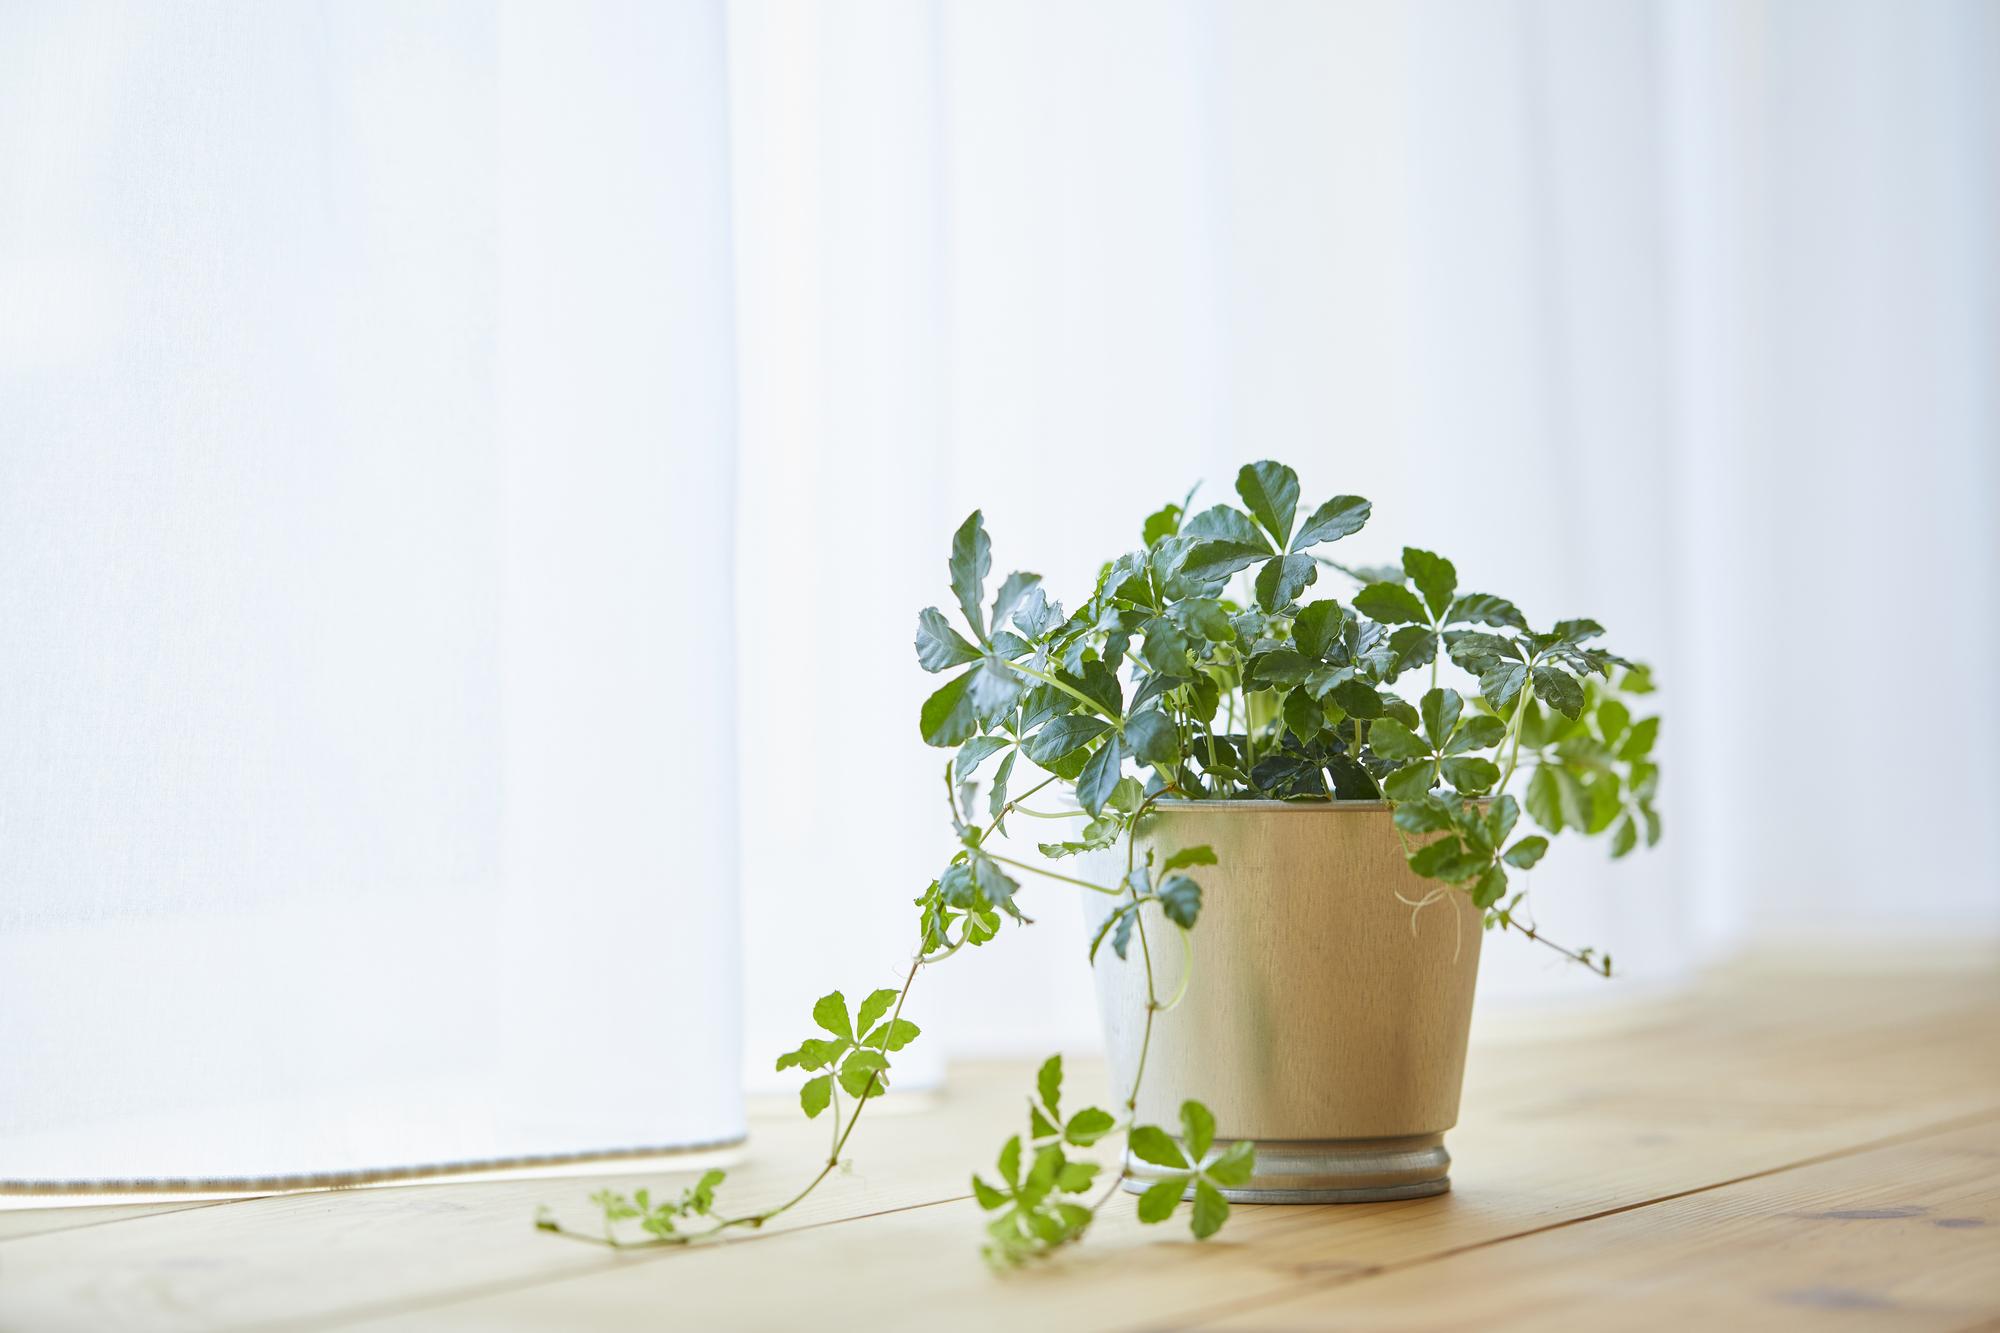 記事 【2021最新トレンドインテリア】③-観葉植物のある暮らし‐のアイキャッチ画像